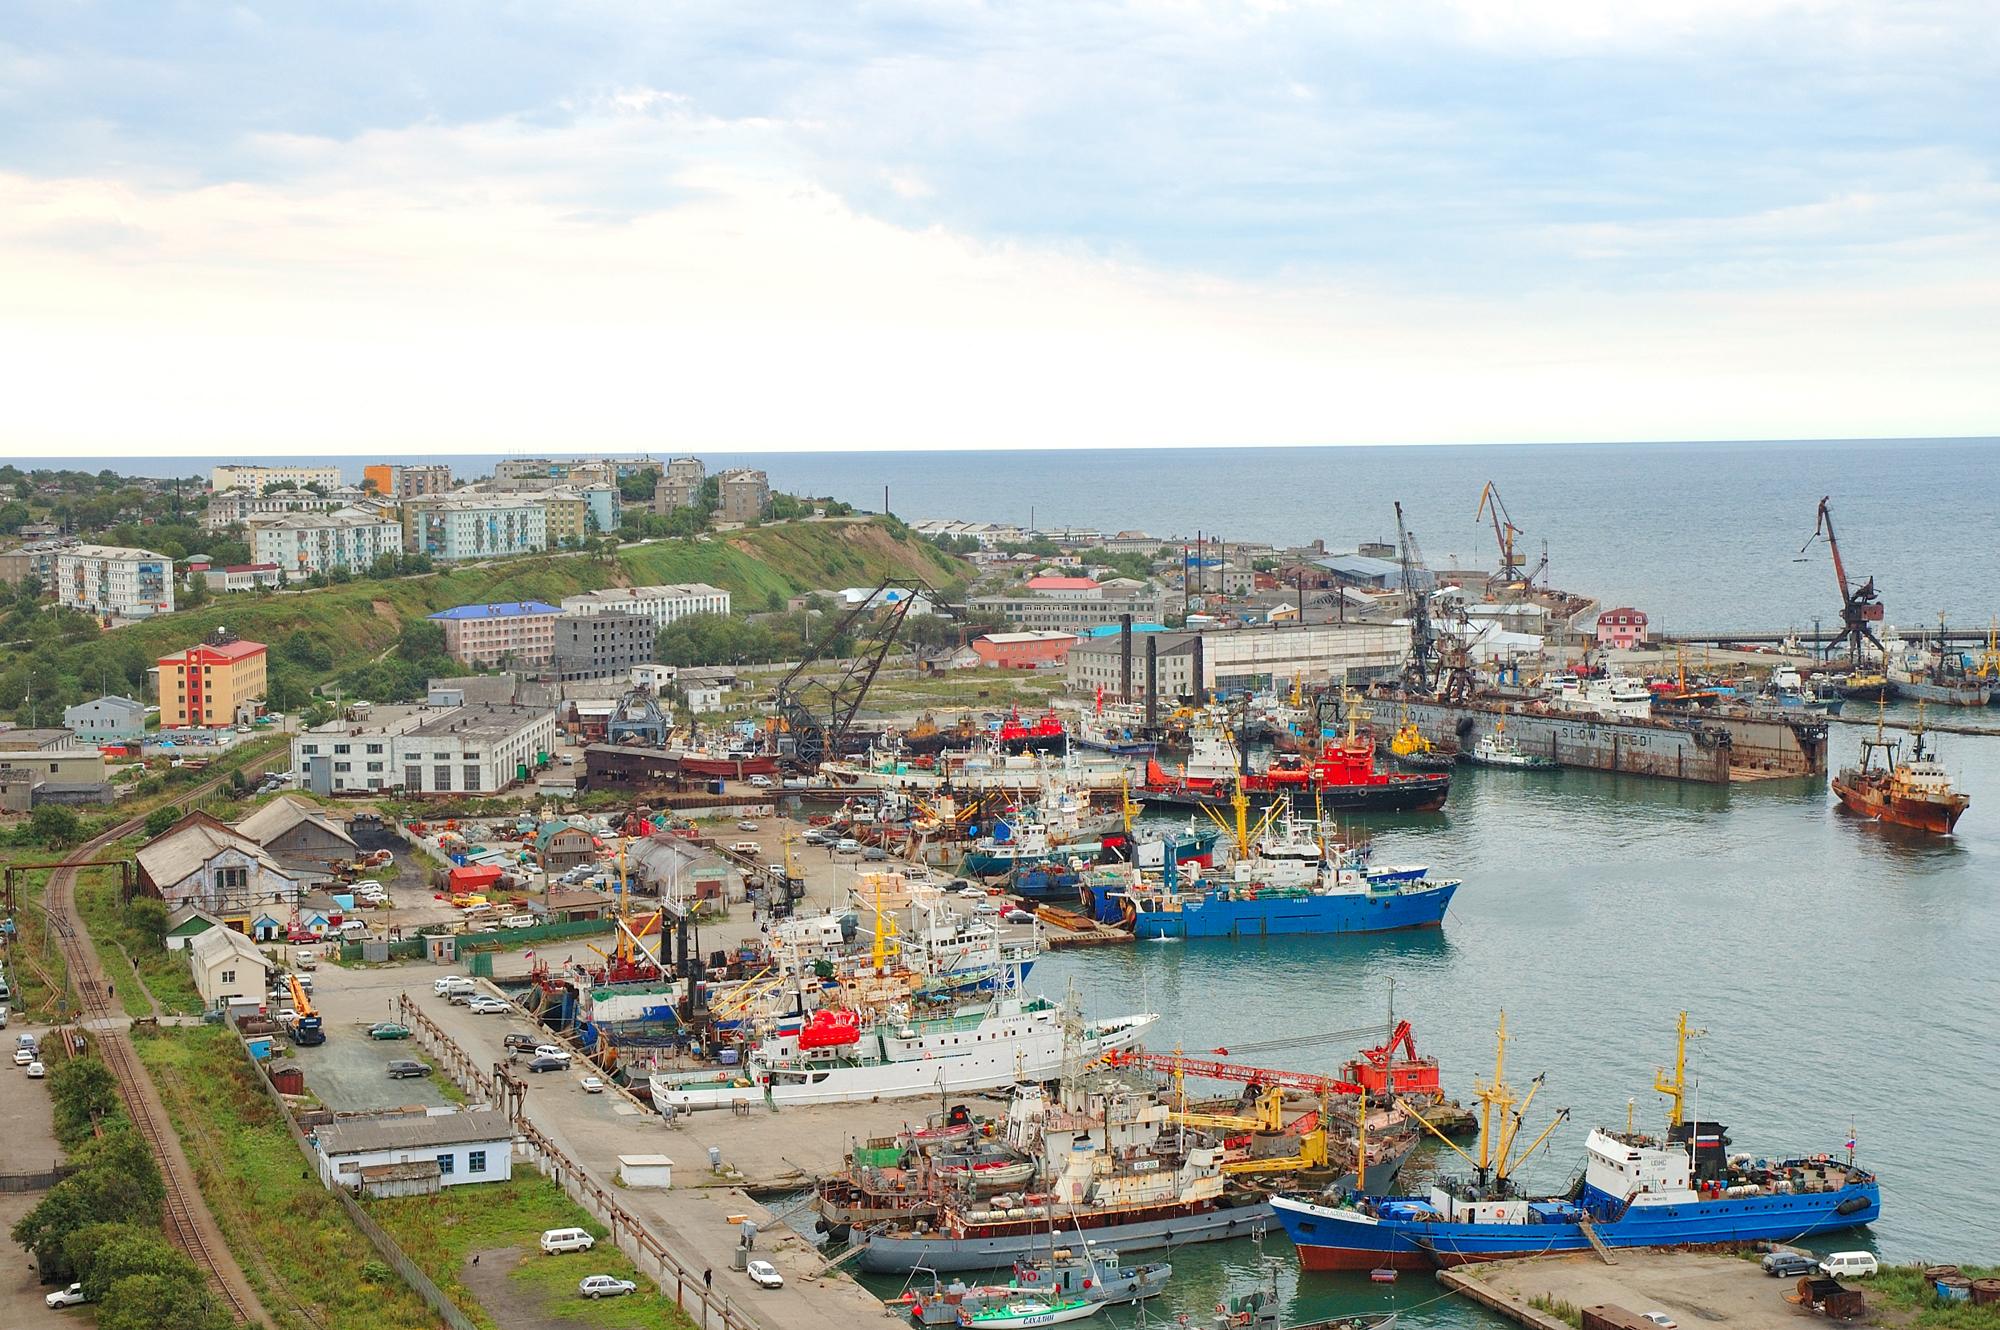 Картинки города корсакова